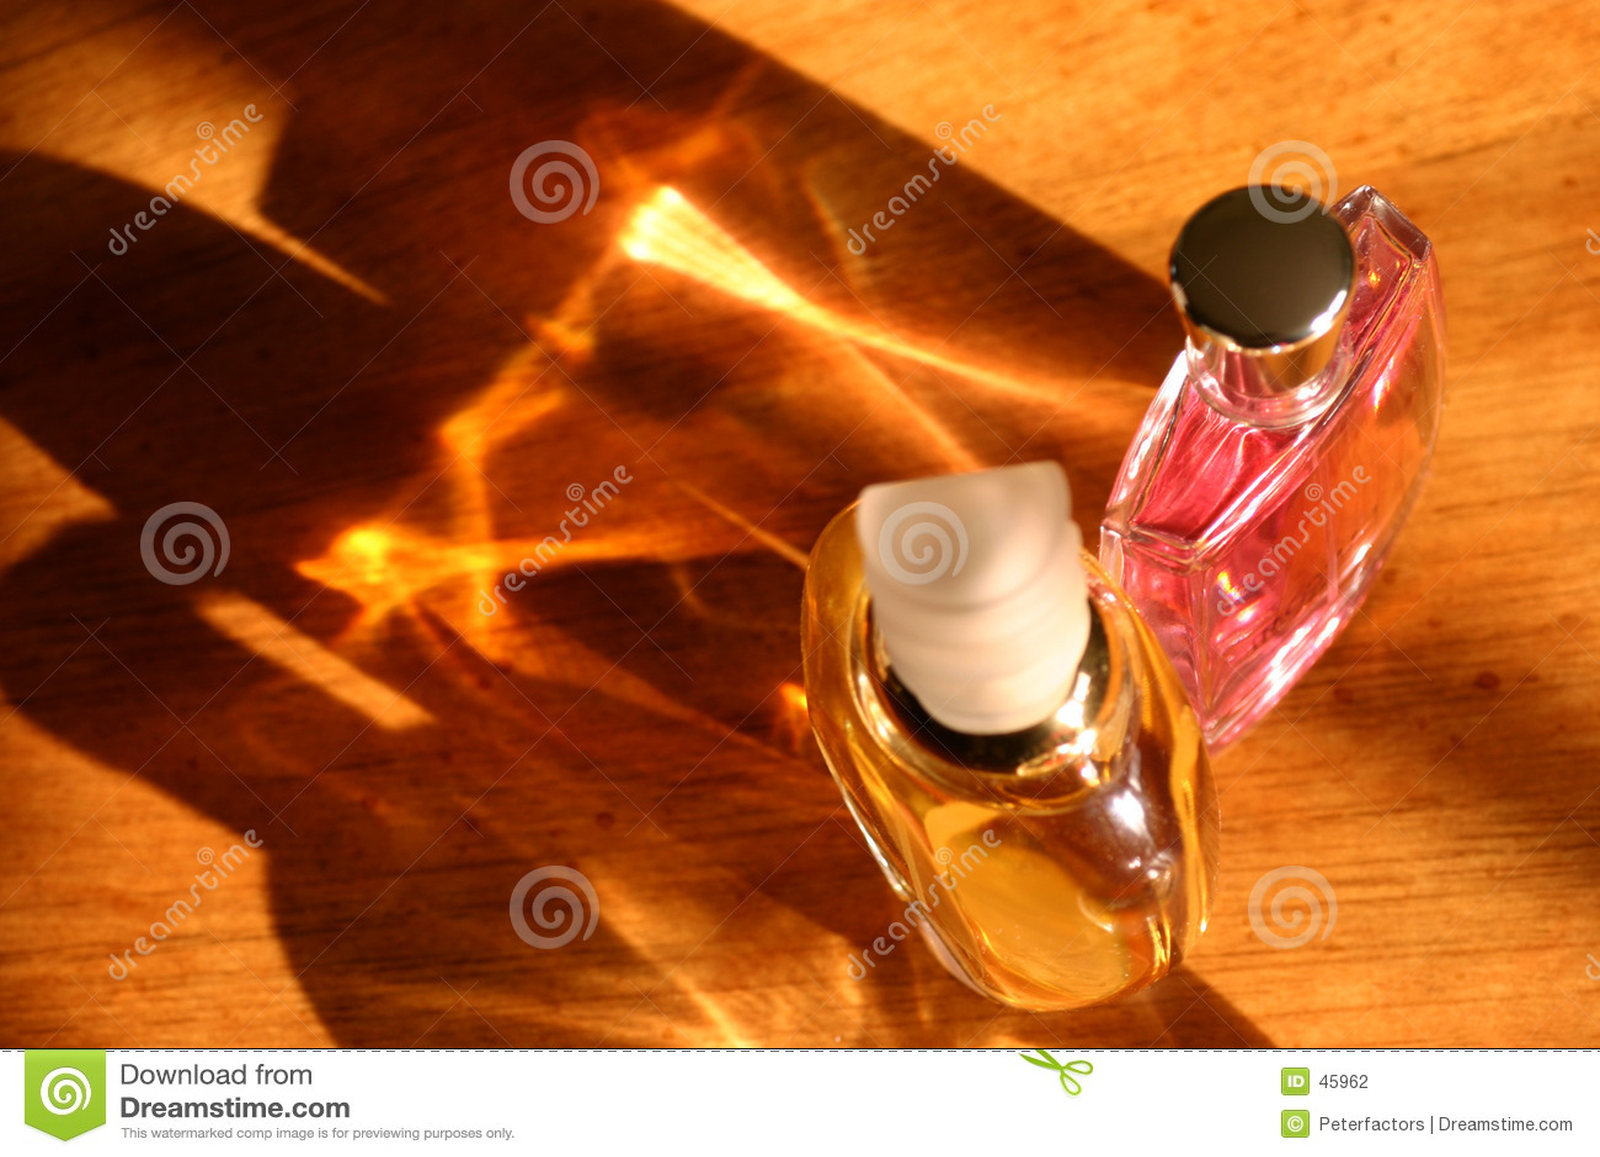 дух бутылок